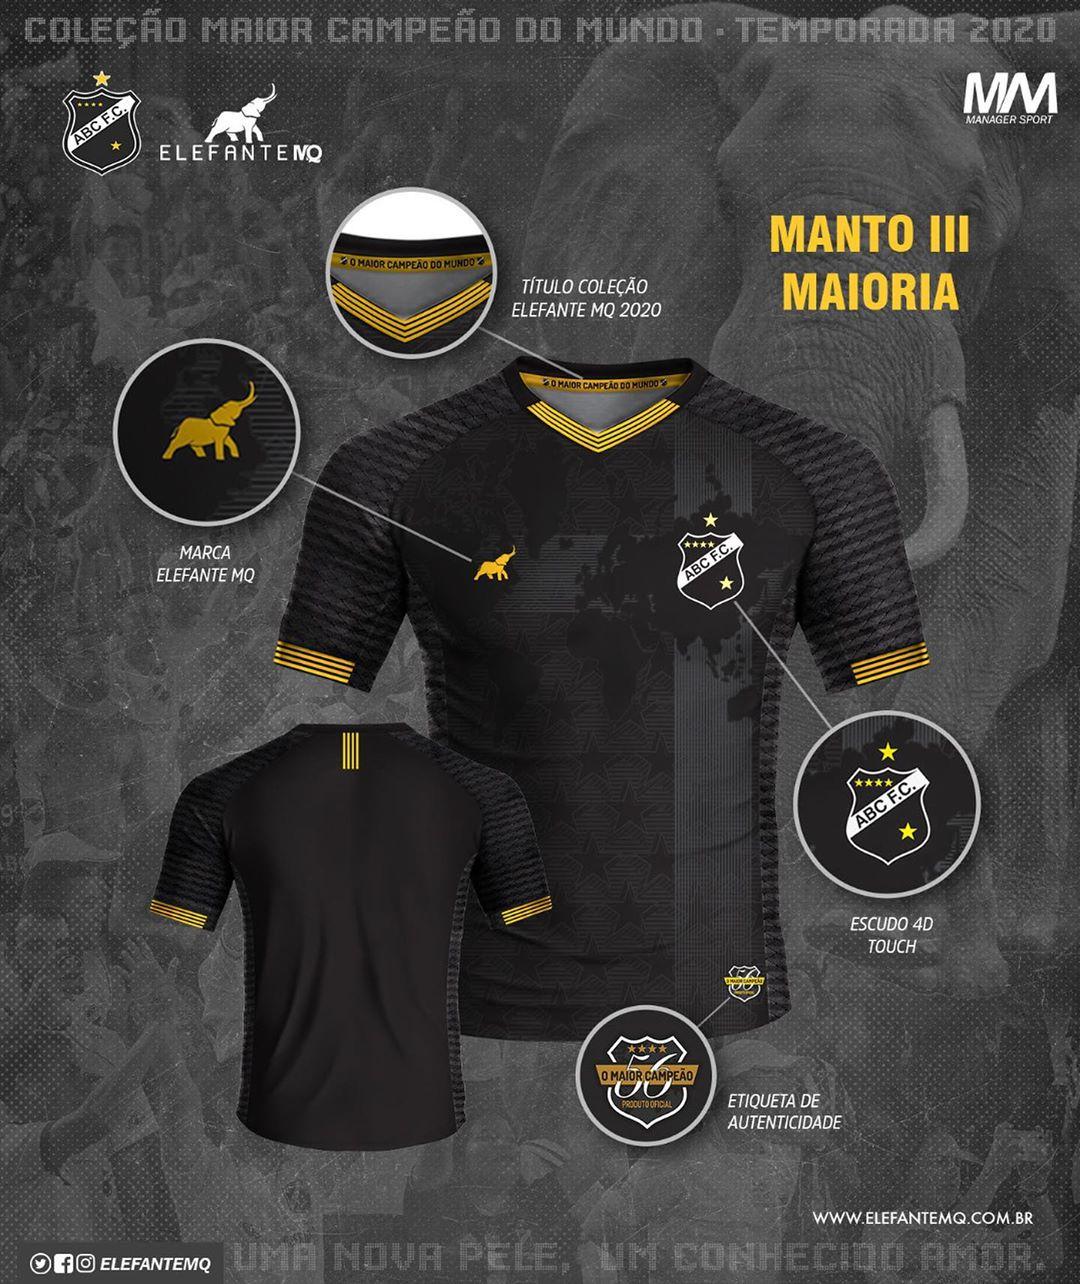 Maioria Terceira camisa do ABC FC 2020-2021 ElefanteMQ